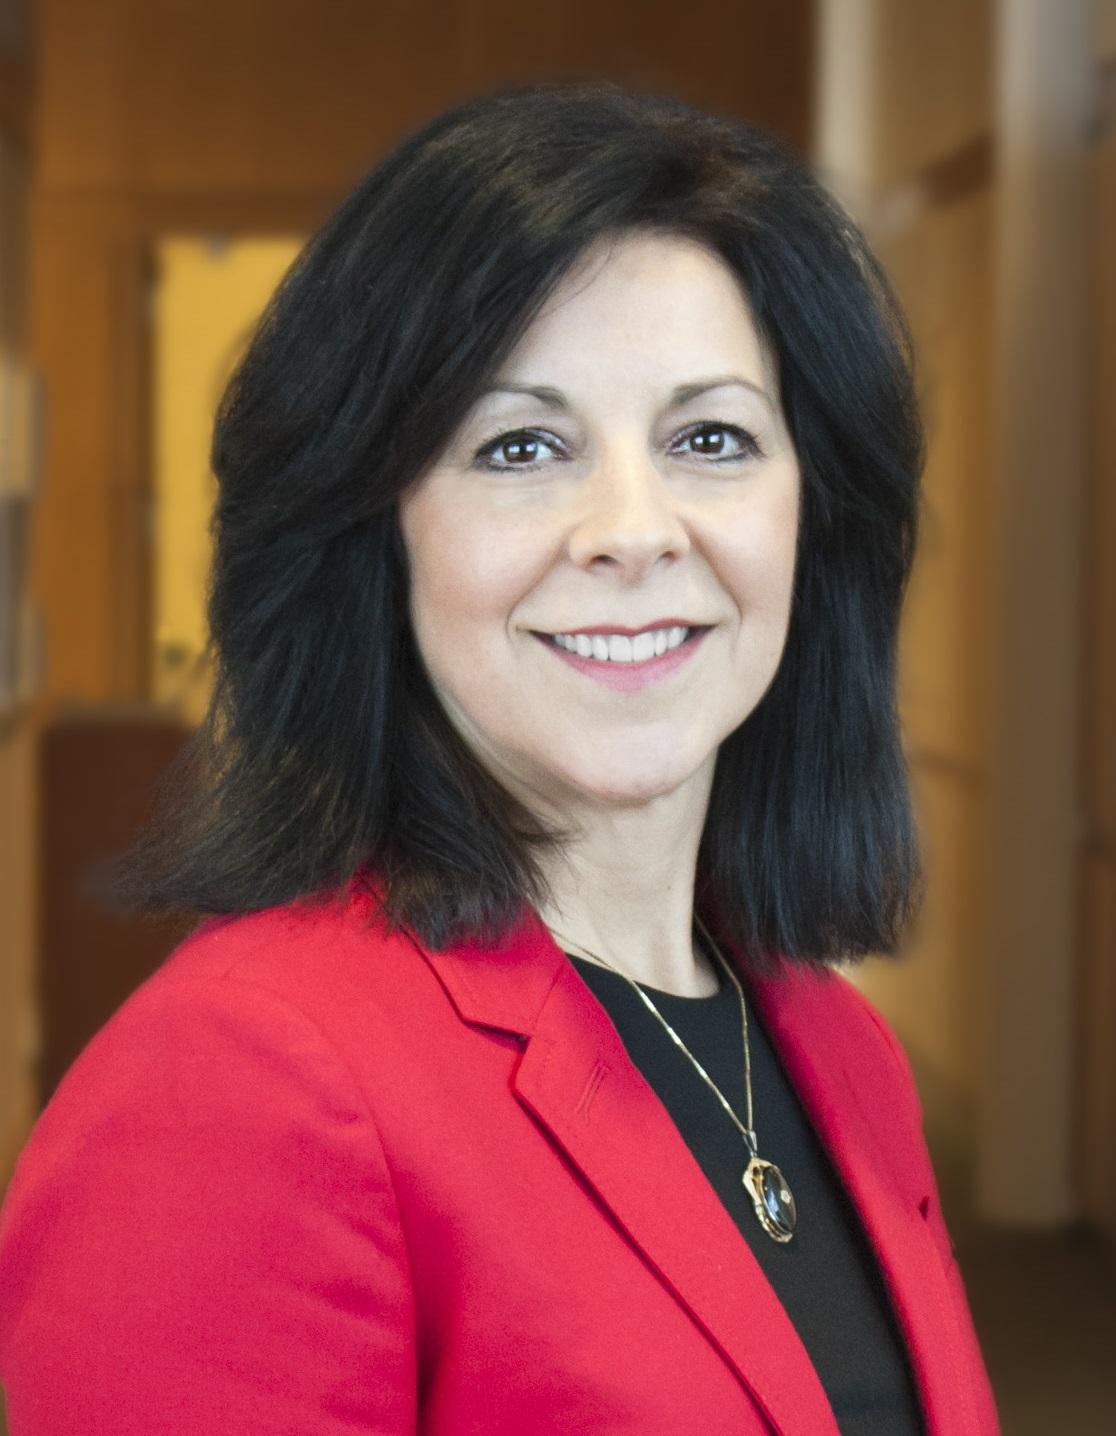 Joanne Szymaszek